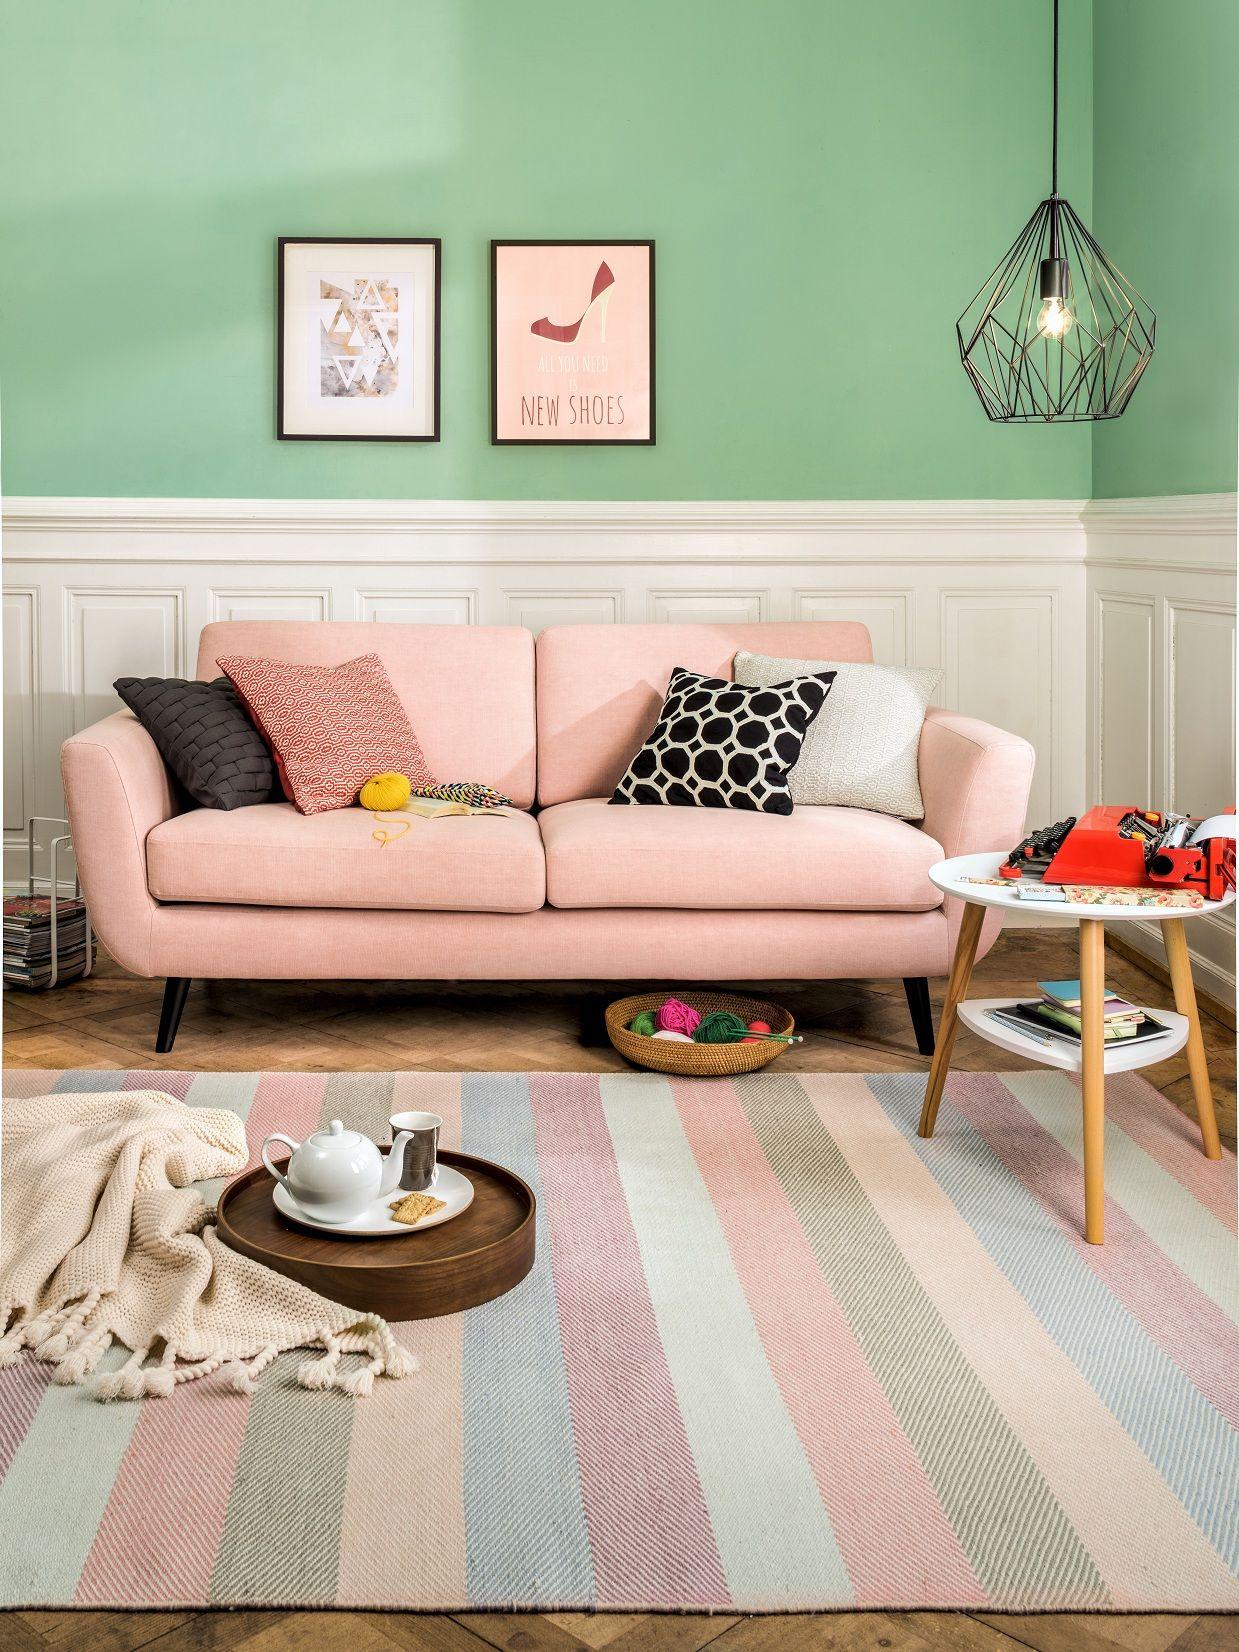 micasa wohnzimmer mit seidel hellrosa und teppich dorothea micasa wohnen. Black Bedroom Furniture Sets. Home Design Ideas